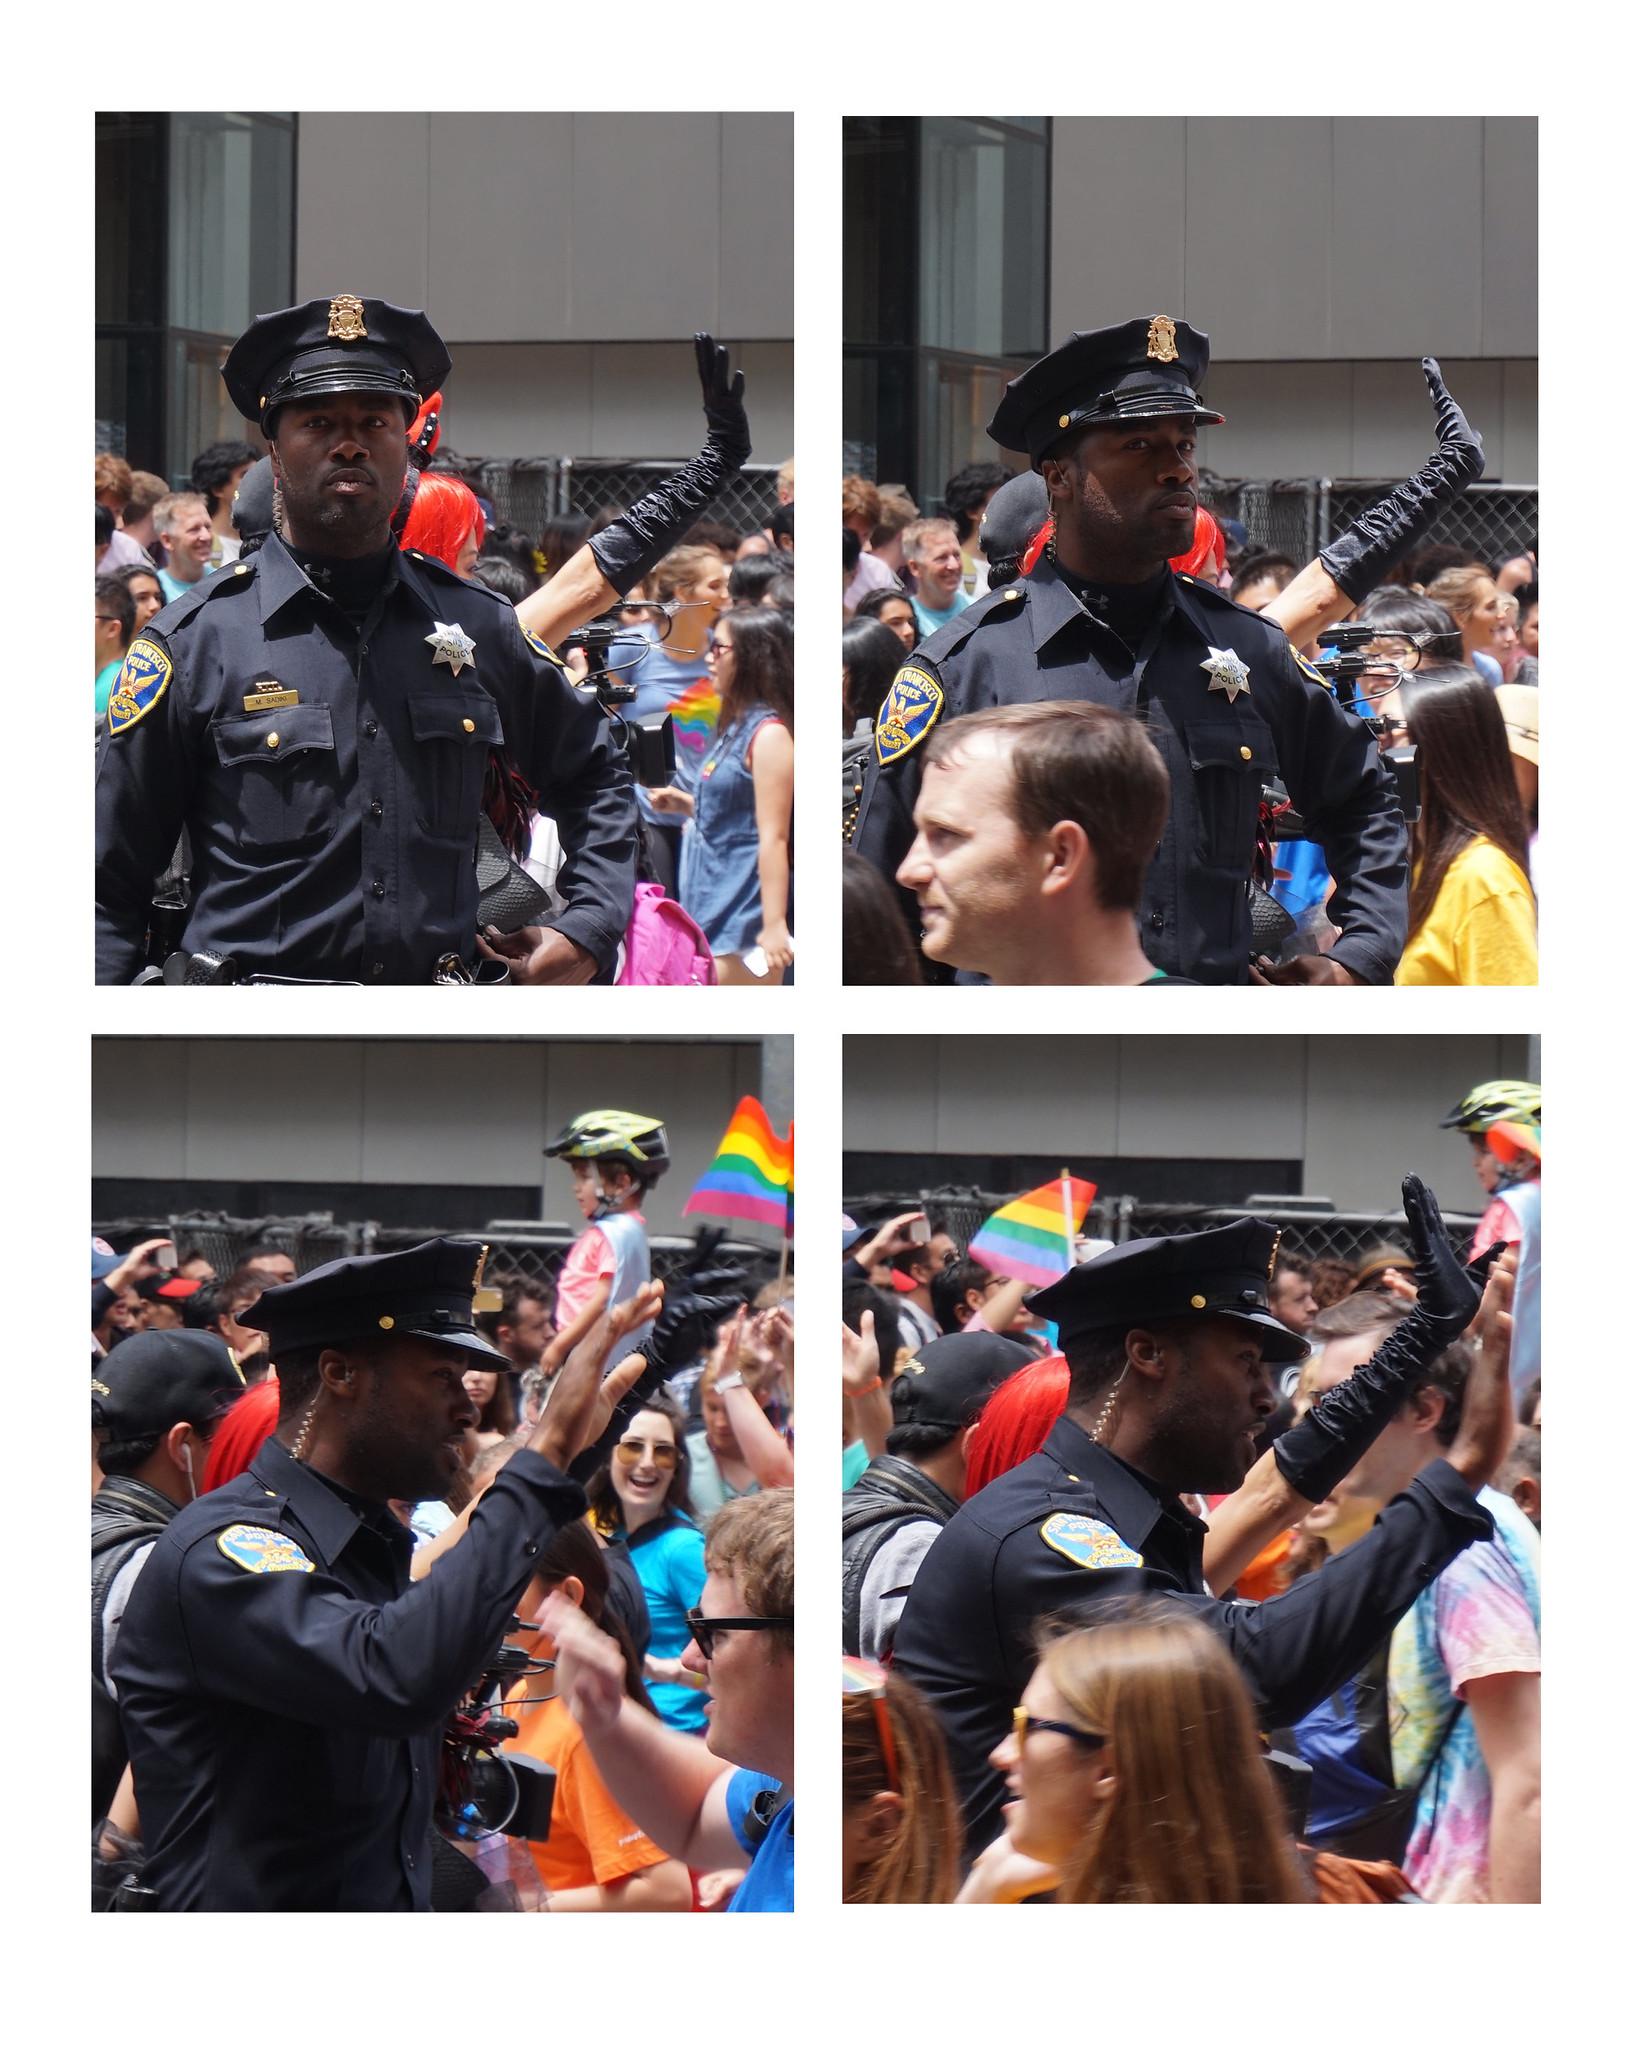 2015_PrideParade_ACFair